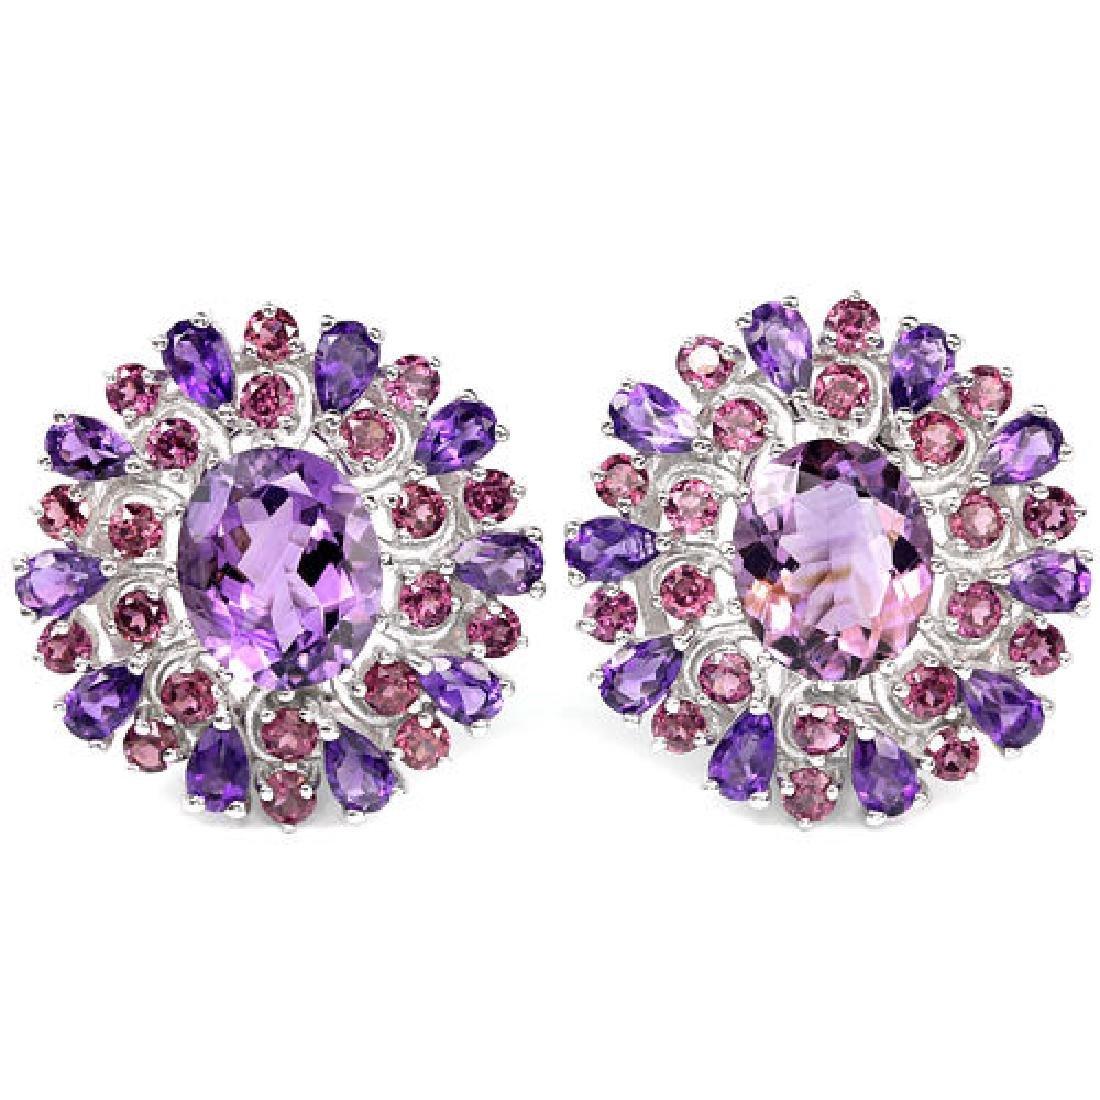 Natural Purple Amethyst & Rhodolite Garnet Earrings